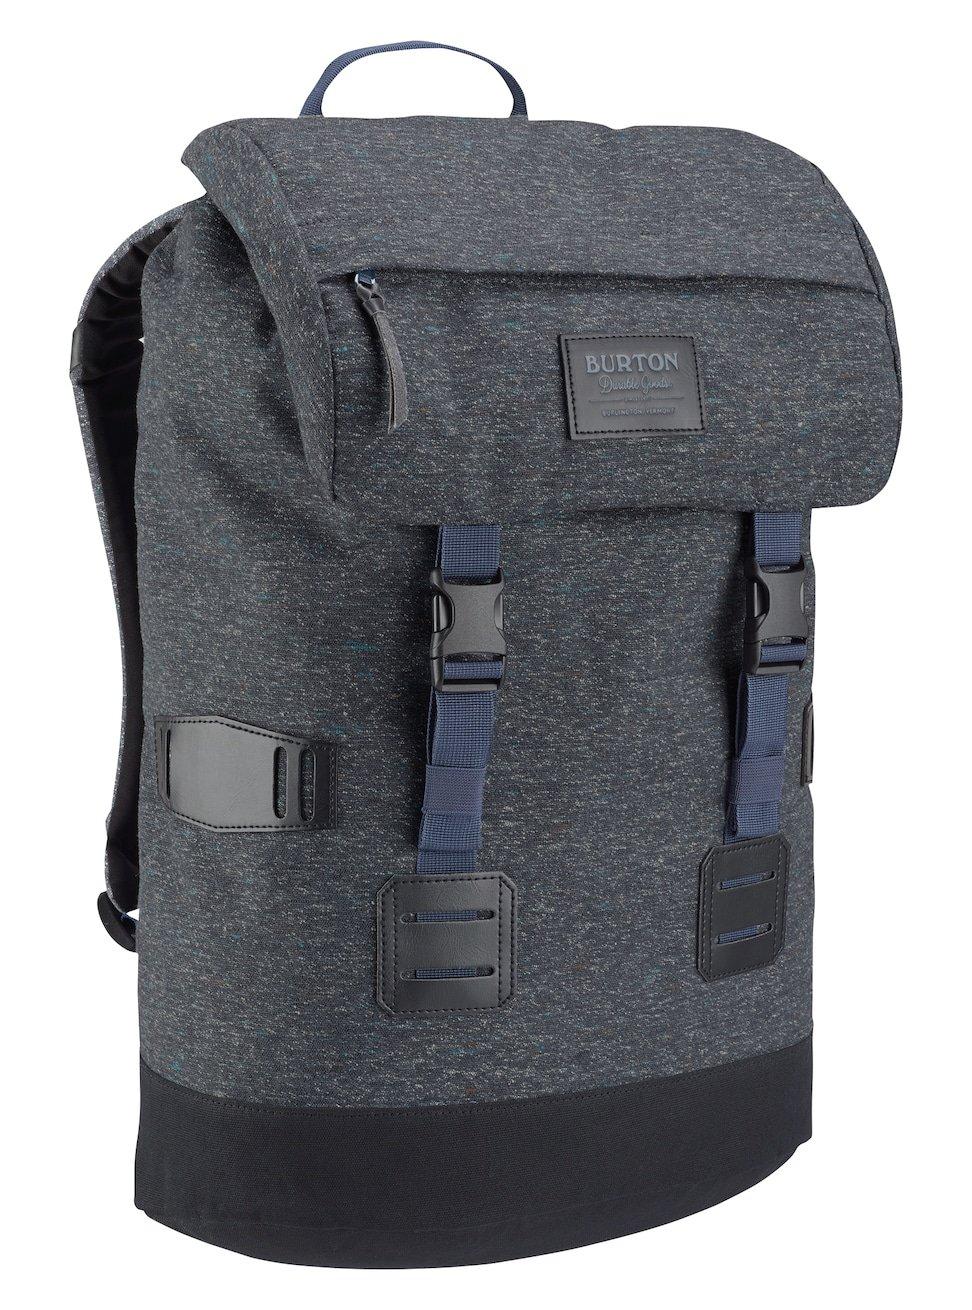 Burton Tinder Pack Sac à Dos Taille Unique Delftone BURA3|#Burton 15292104420